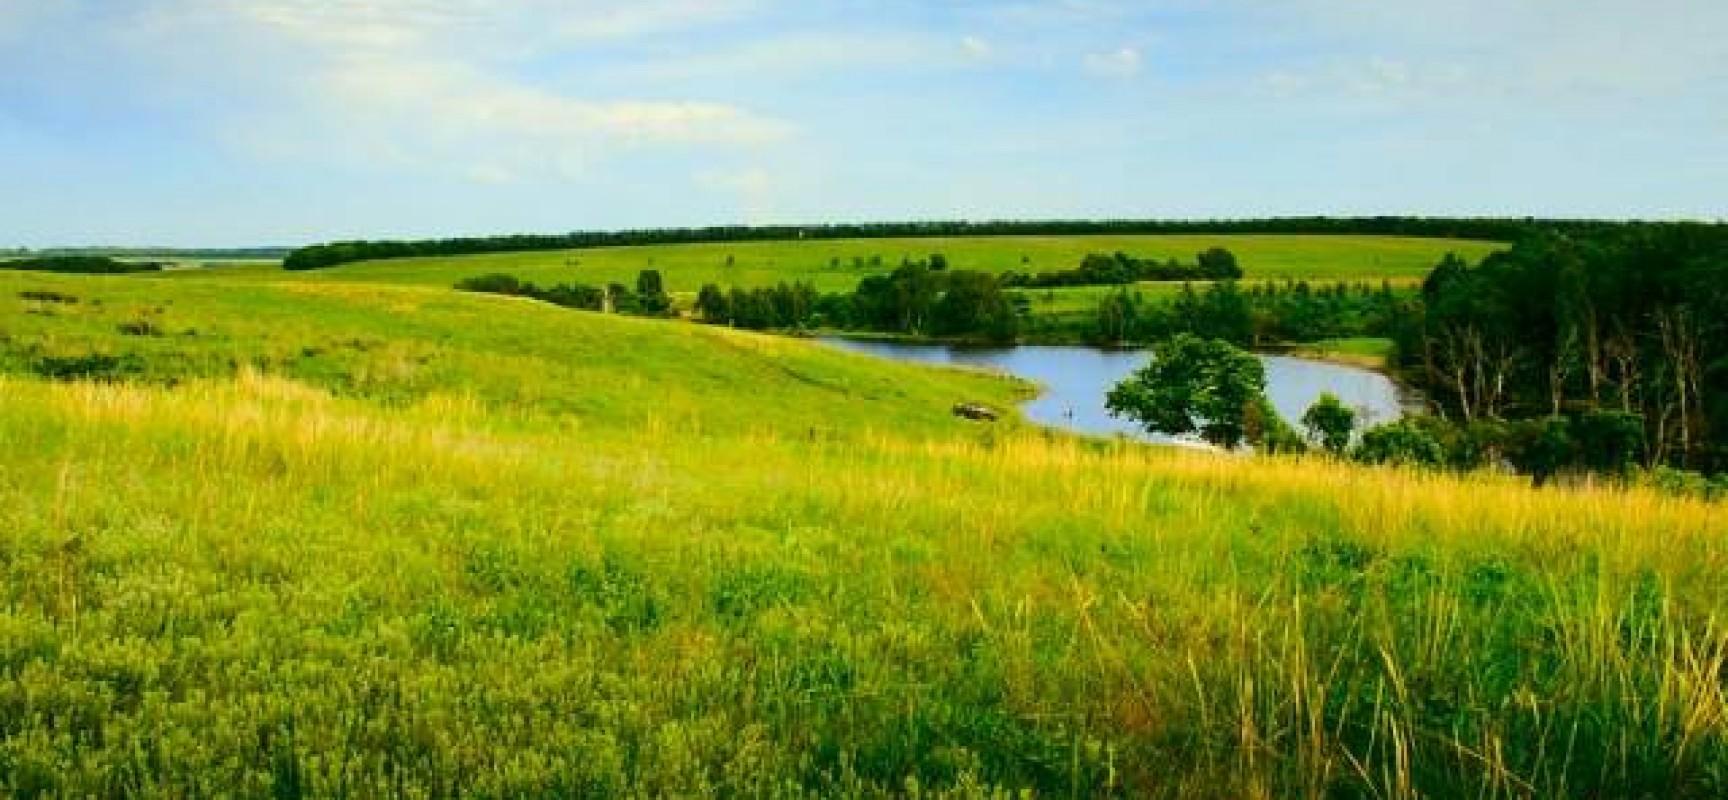 Правительство Крыма утвердило перечень специальностей, обладатели которых могут получить бесплатный земельный участок